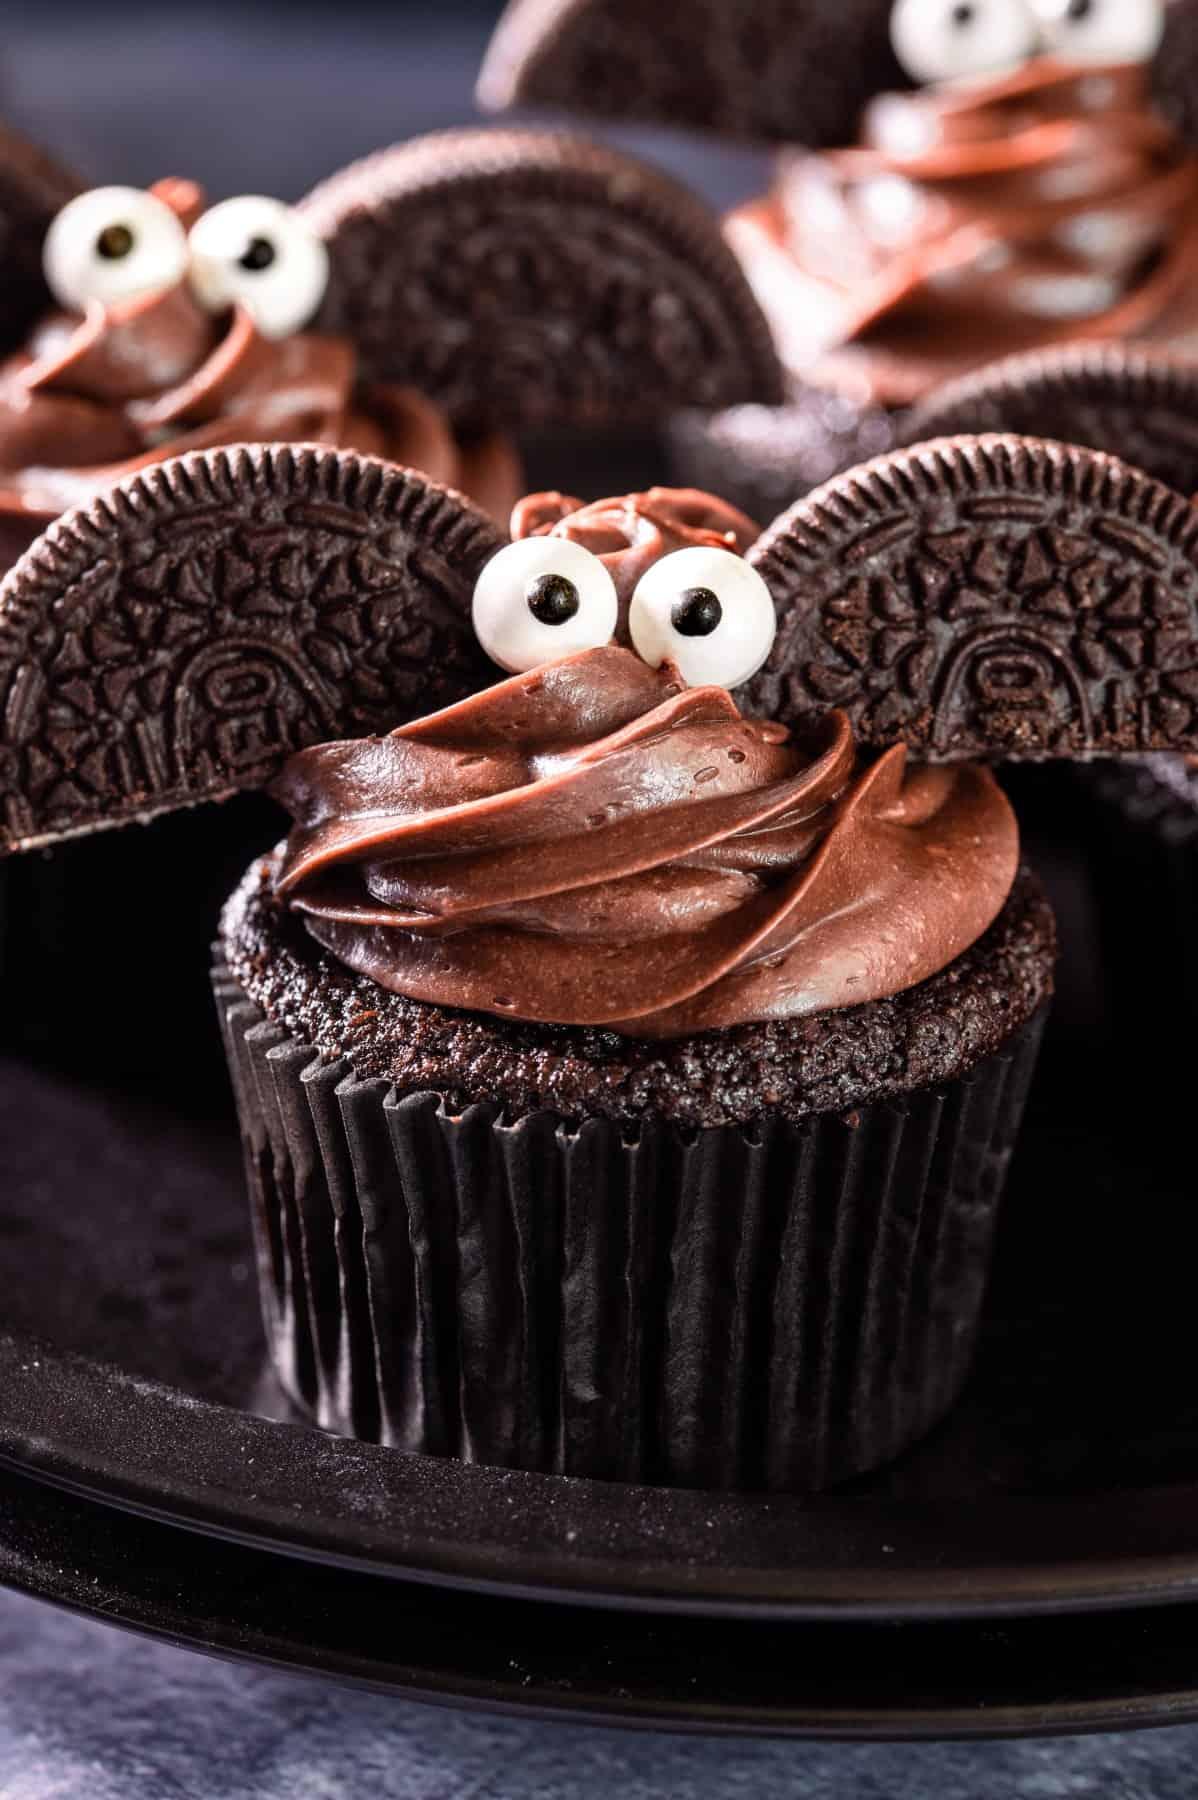 Close-up of one Halloween Bat Cupcake